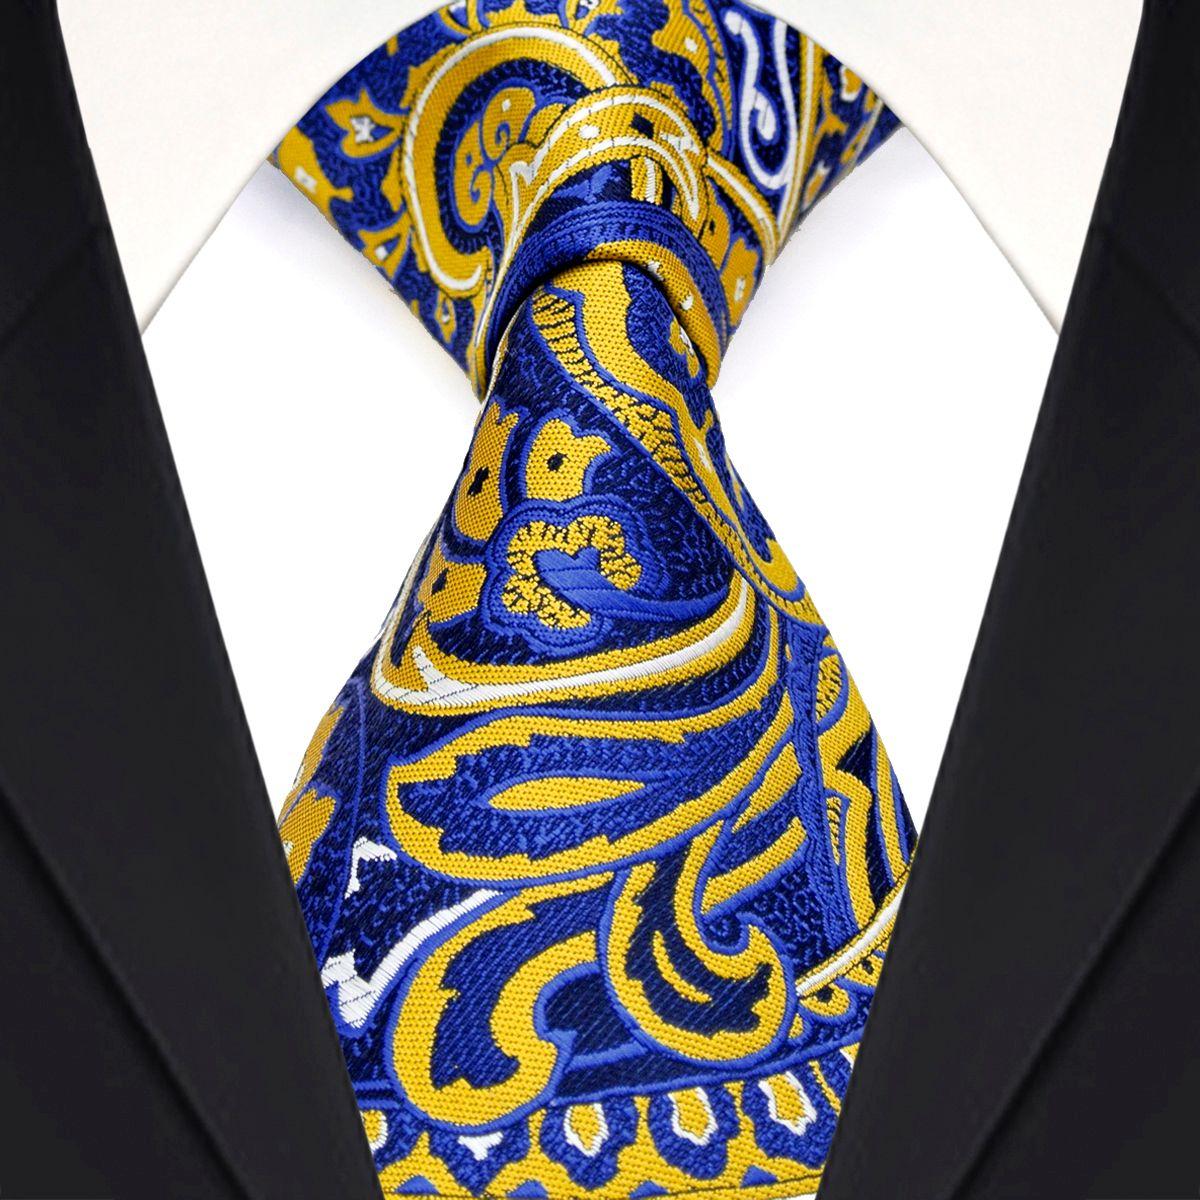 شحن مجاني F11 صفراء الأزرق الداكن بيزلي الزهور الرجال ربطات عنق 100٪ الحرير الجاكار نسج جذابة